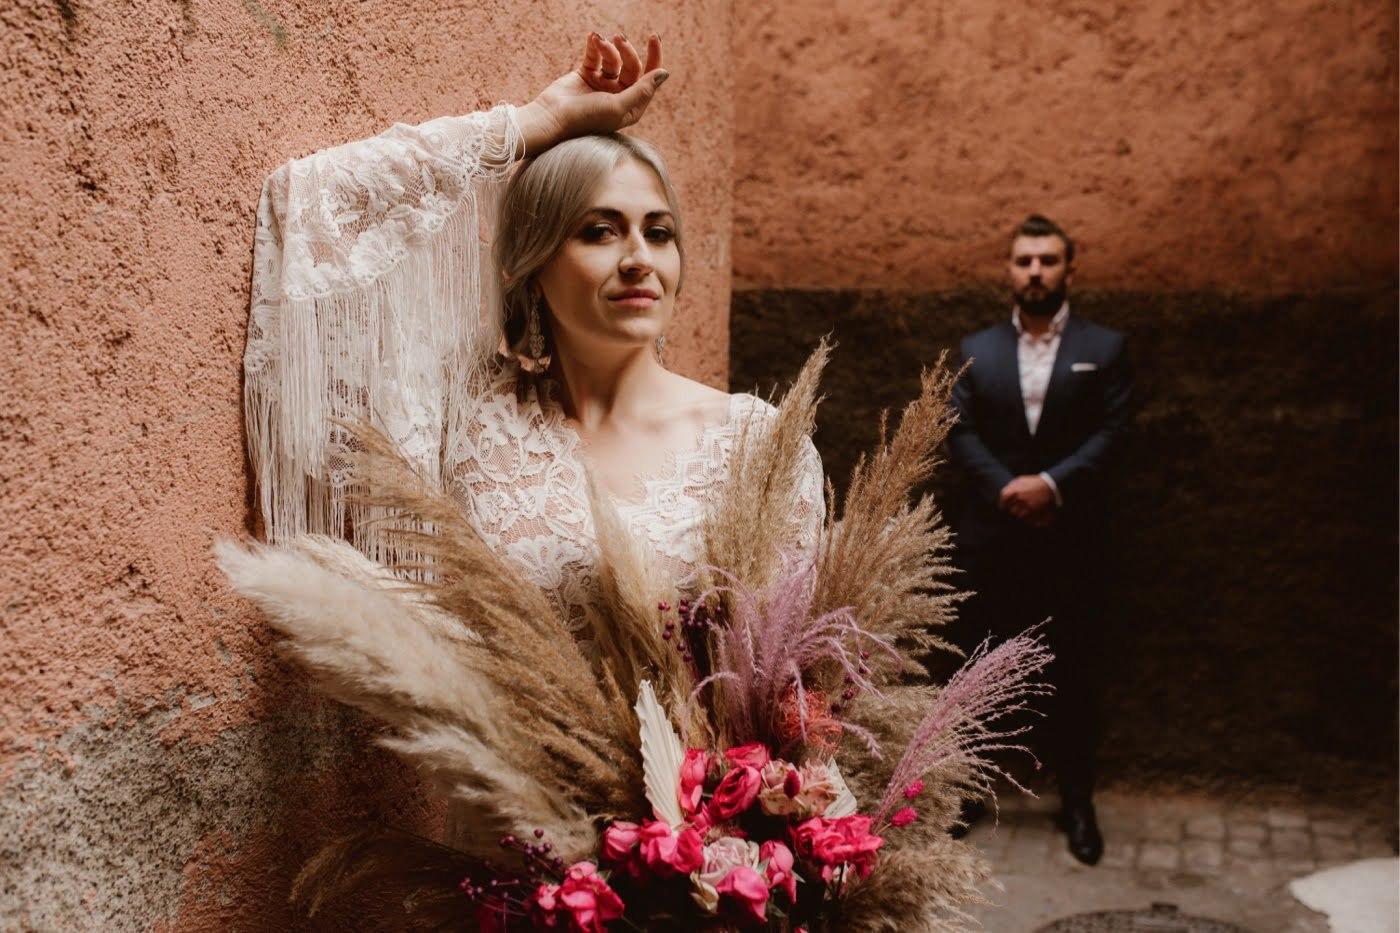 ewelina zieba marrakech sesja slubna 07